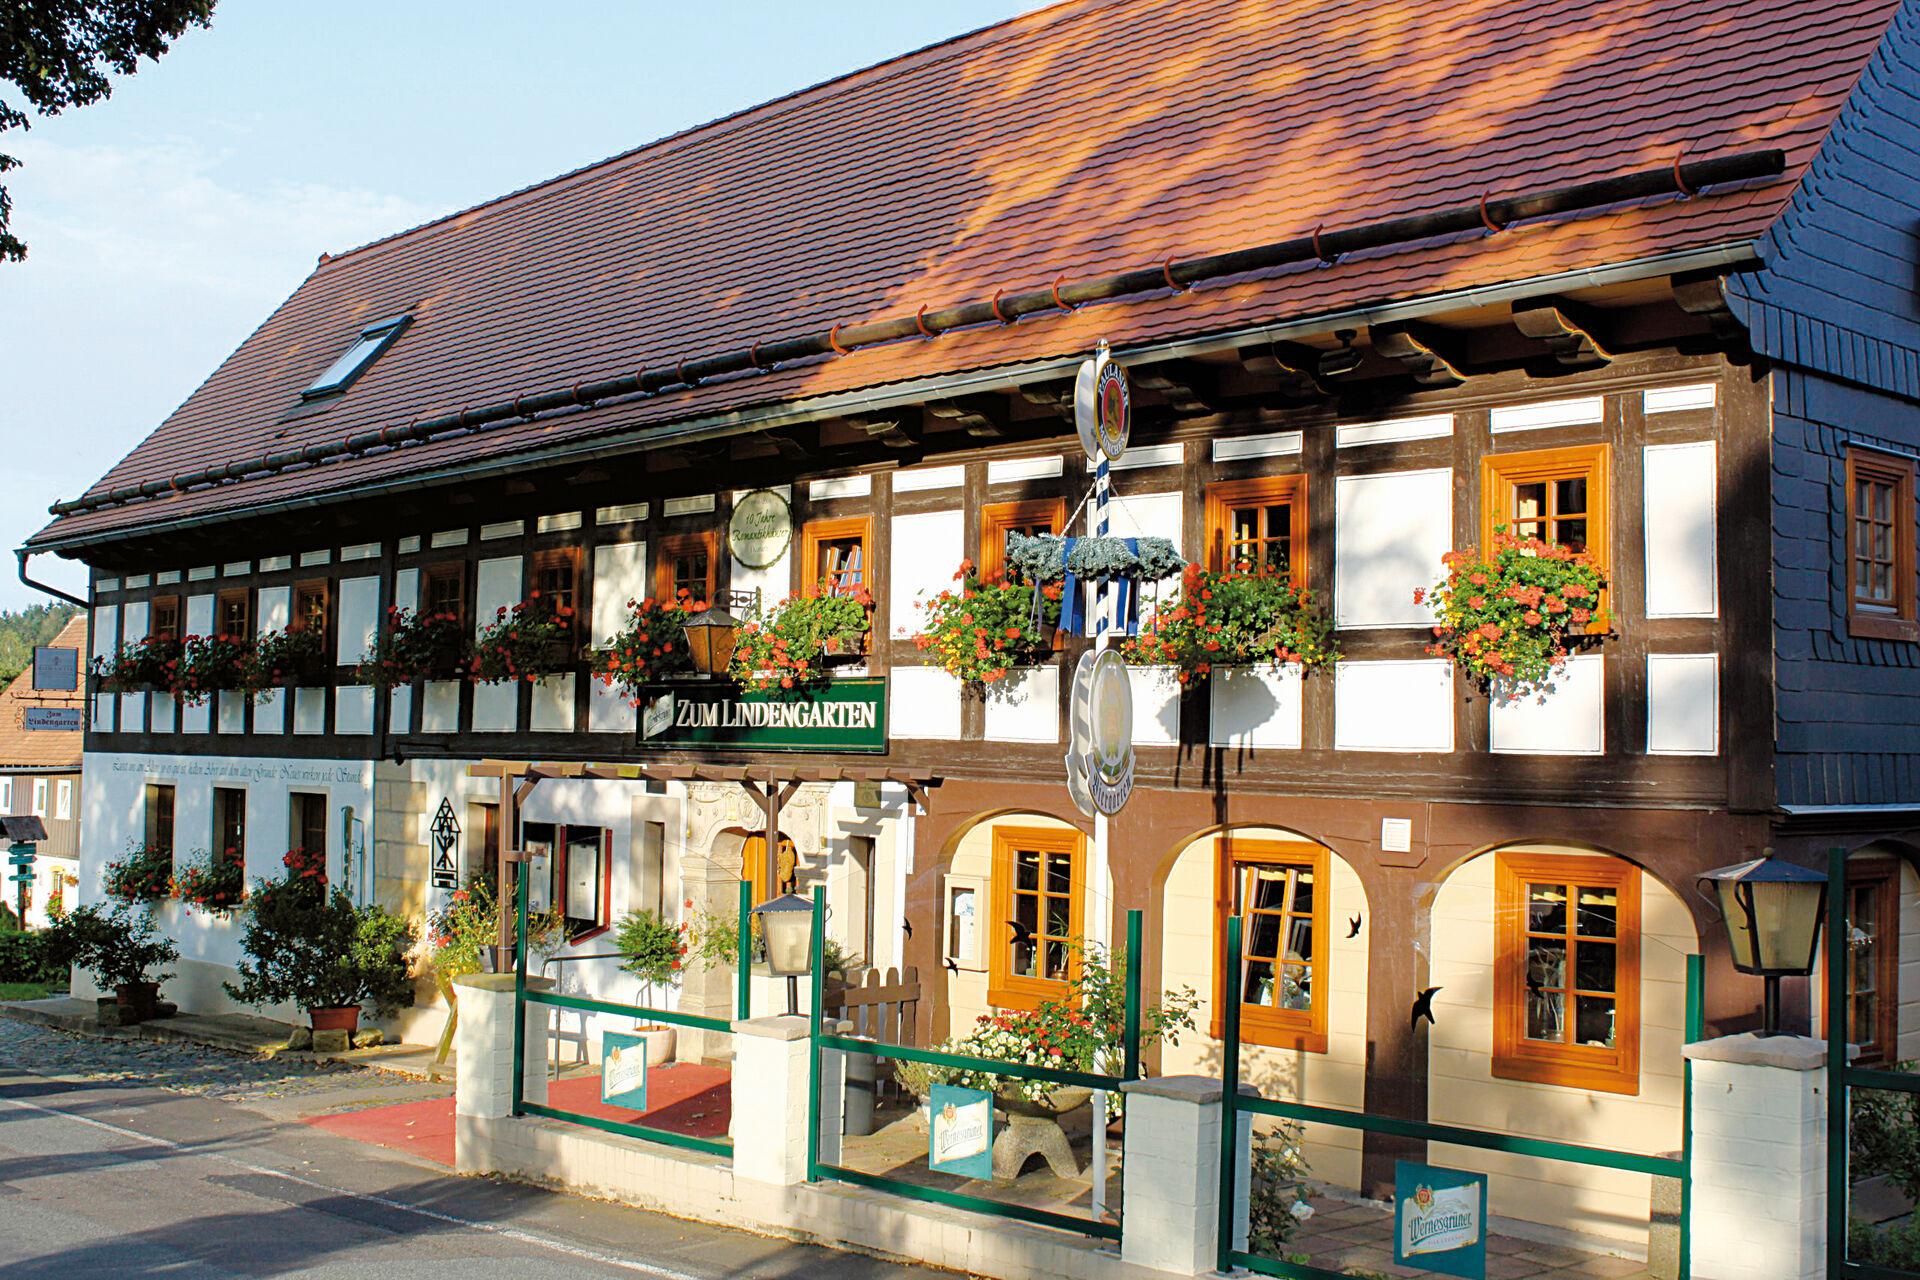 Herzlich Willkommen in Ihrem Romantik Hotel Zum Lindengarten!